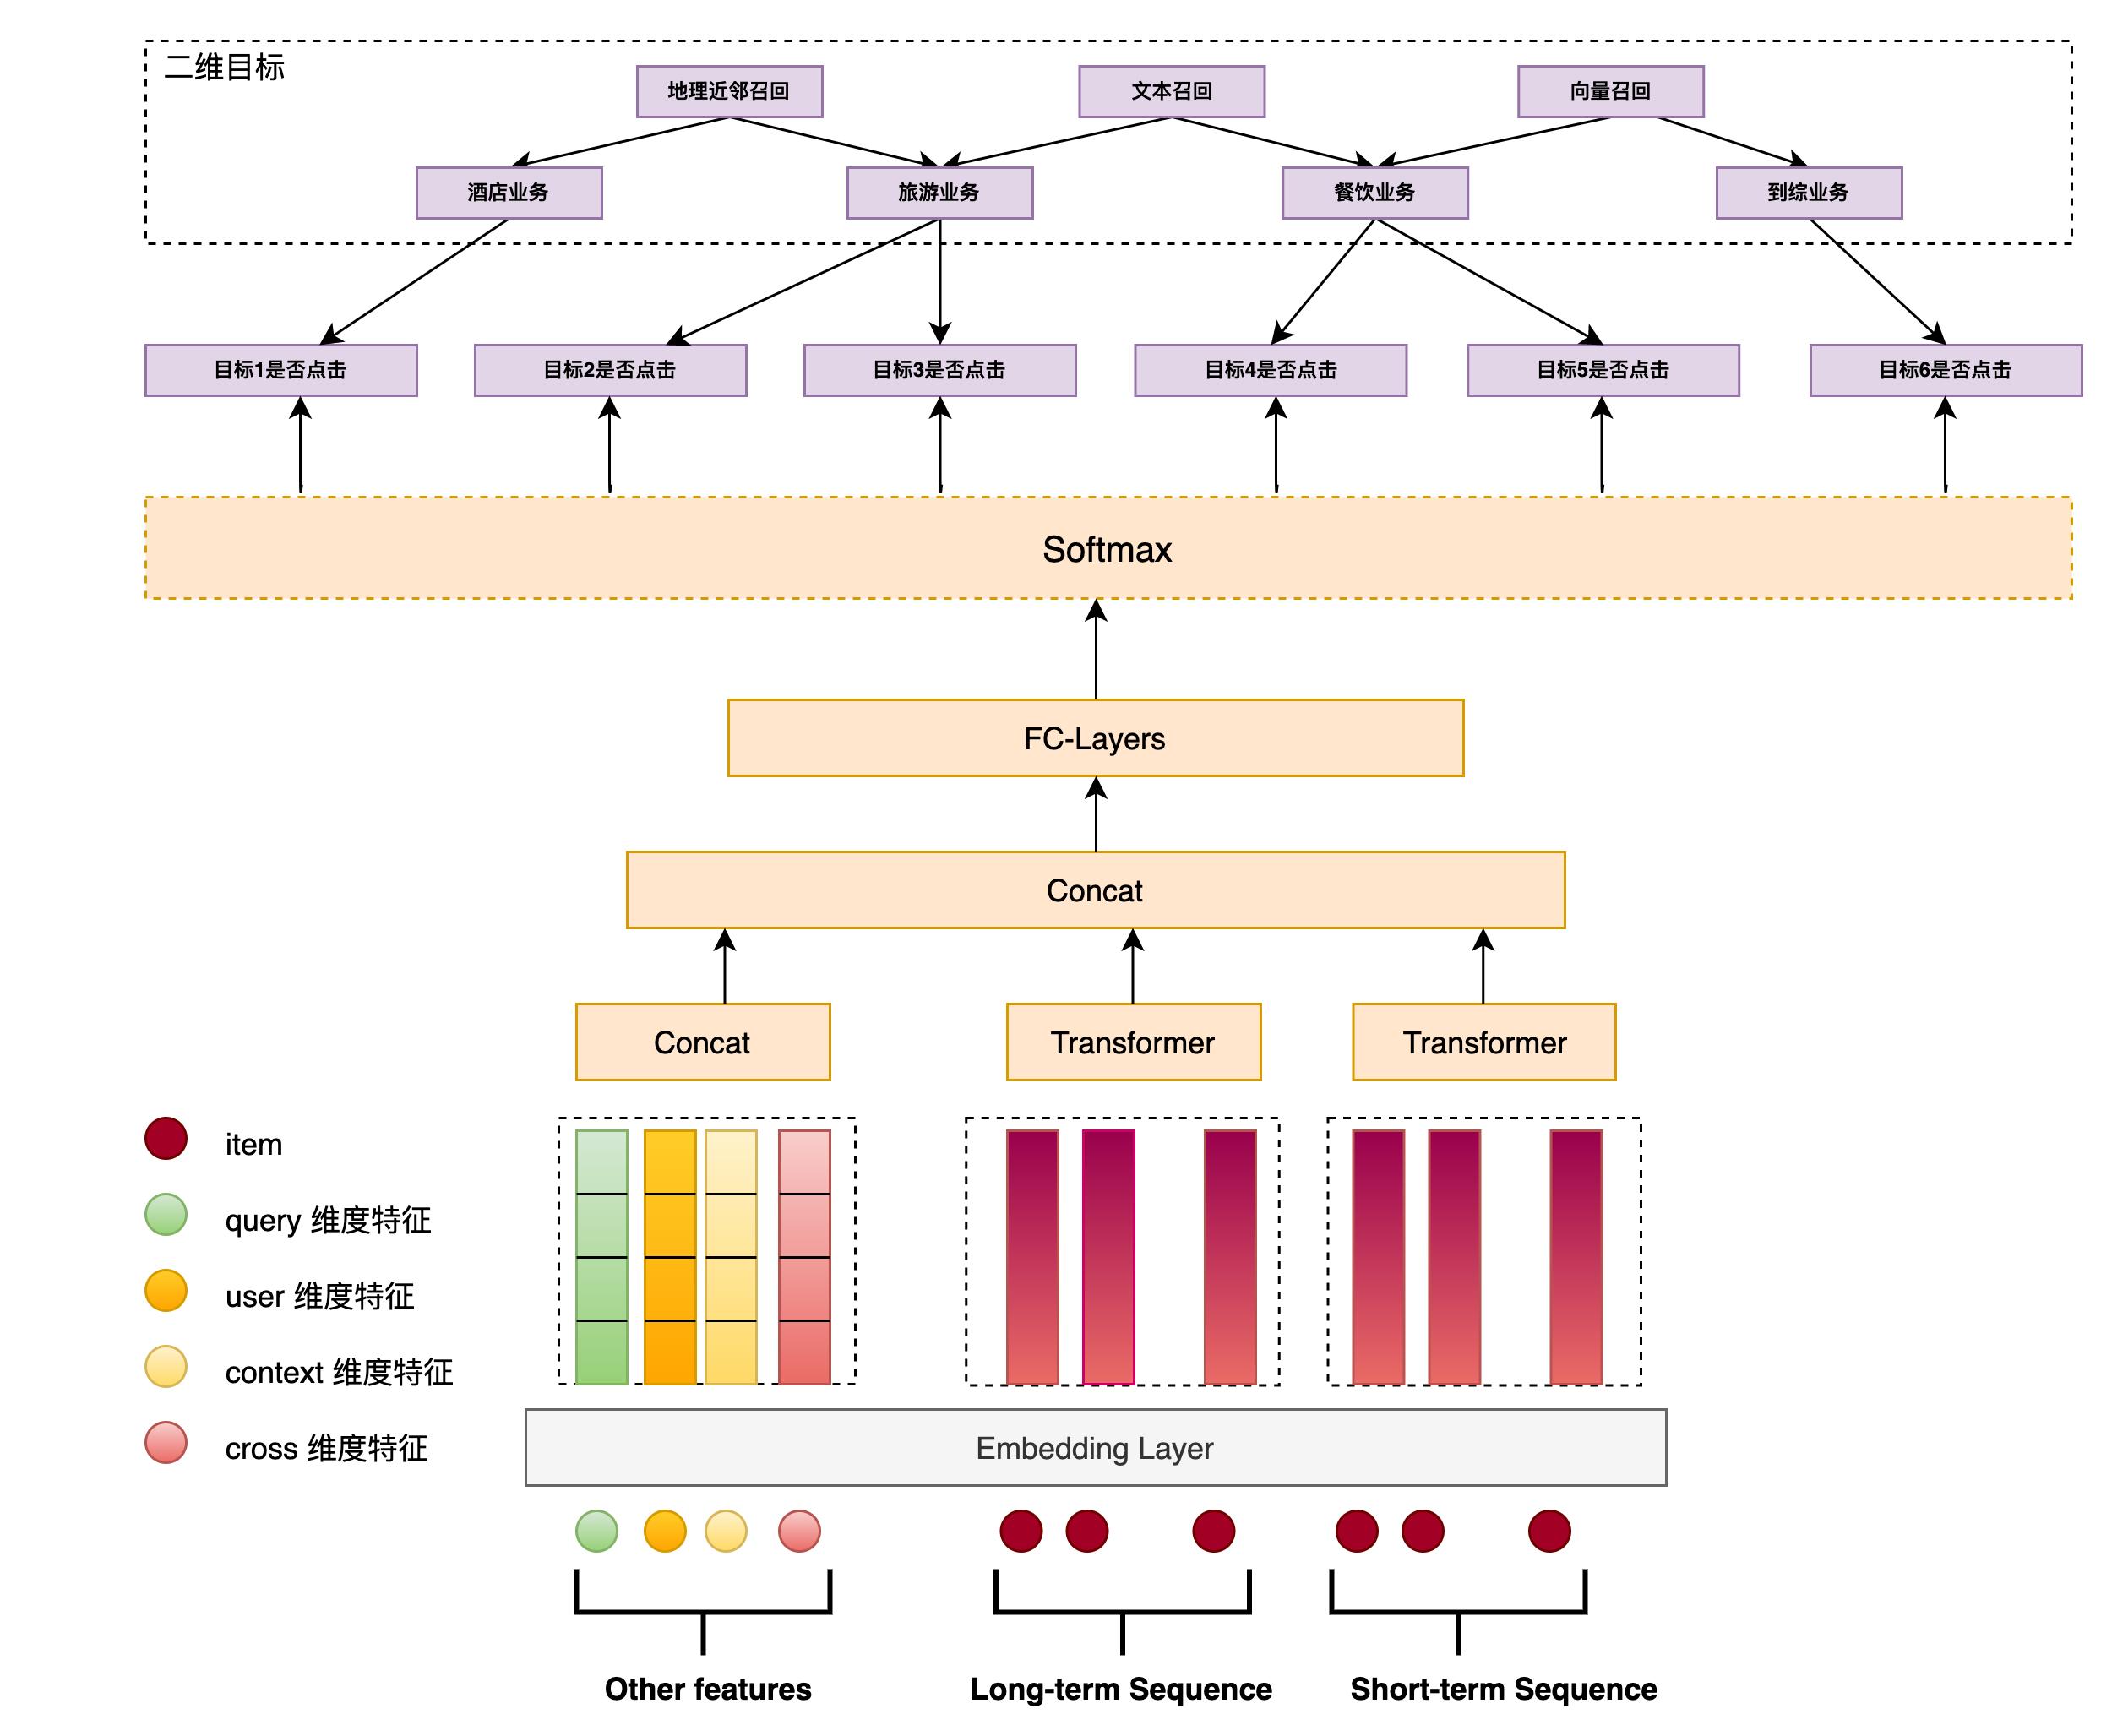 图5 MQM-V2 模型结构图